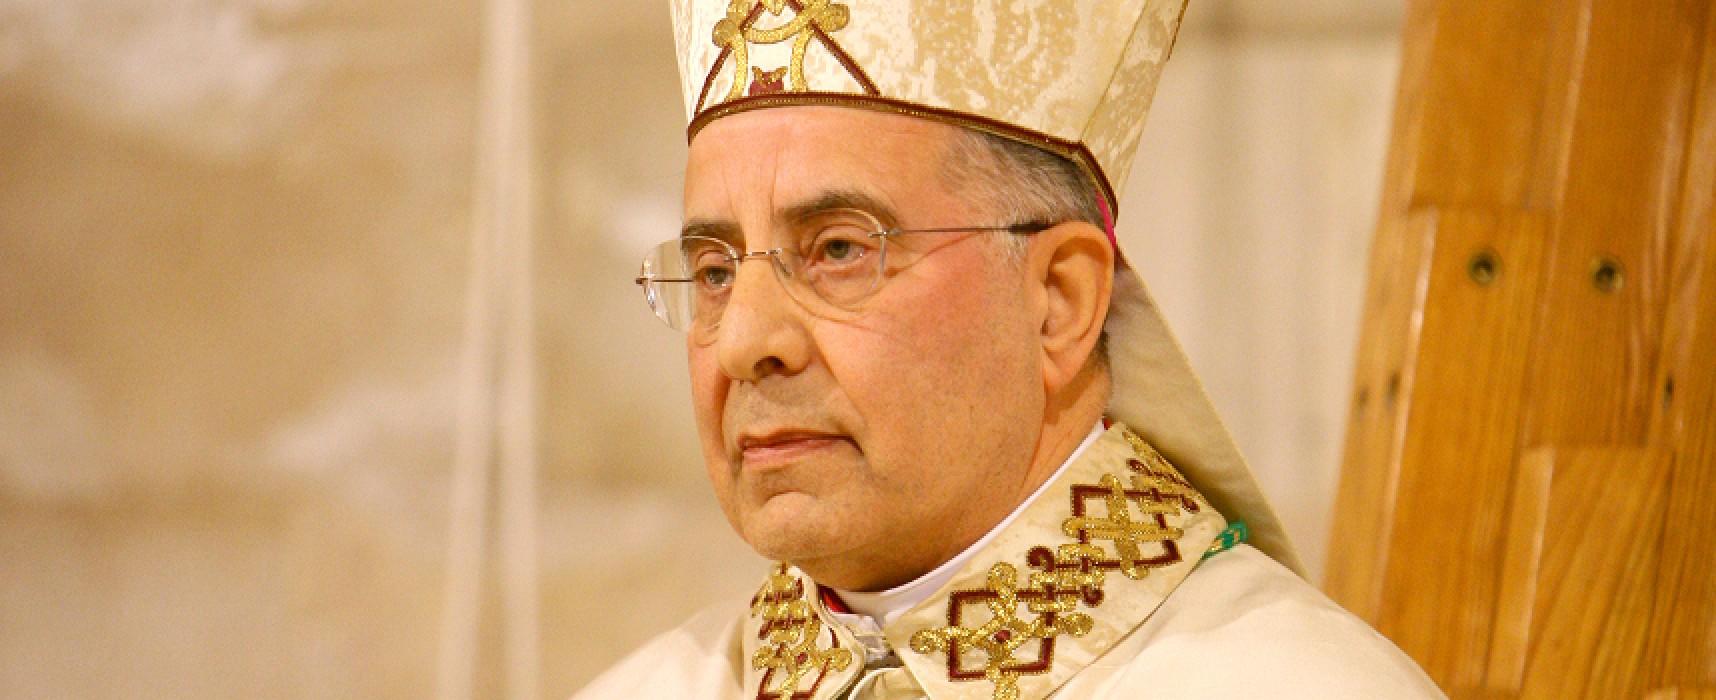 Arcidiocesi Trani-Barletta-Bisceglie, istituito servizio accoglienza dei fedeli separati